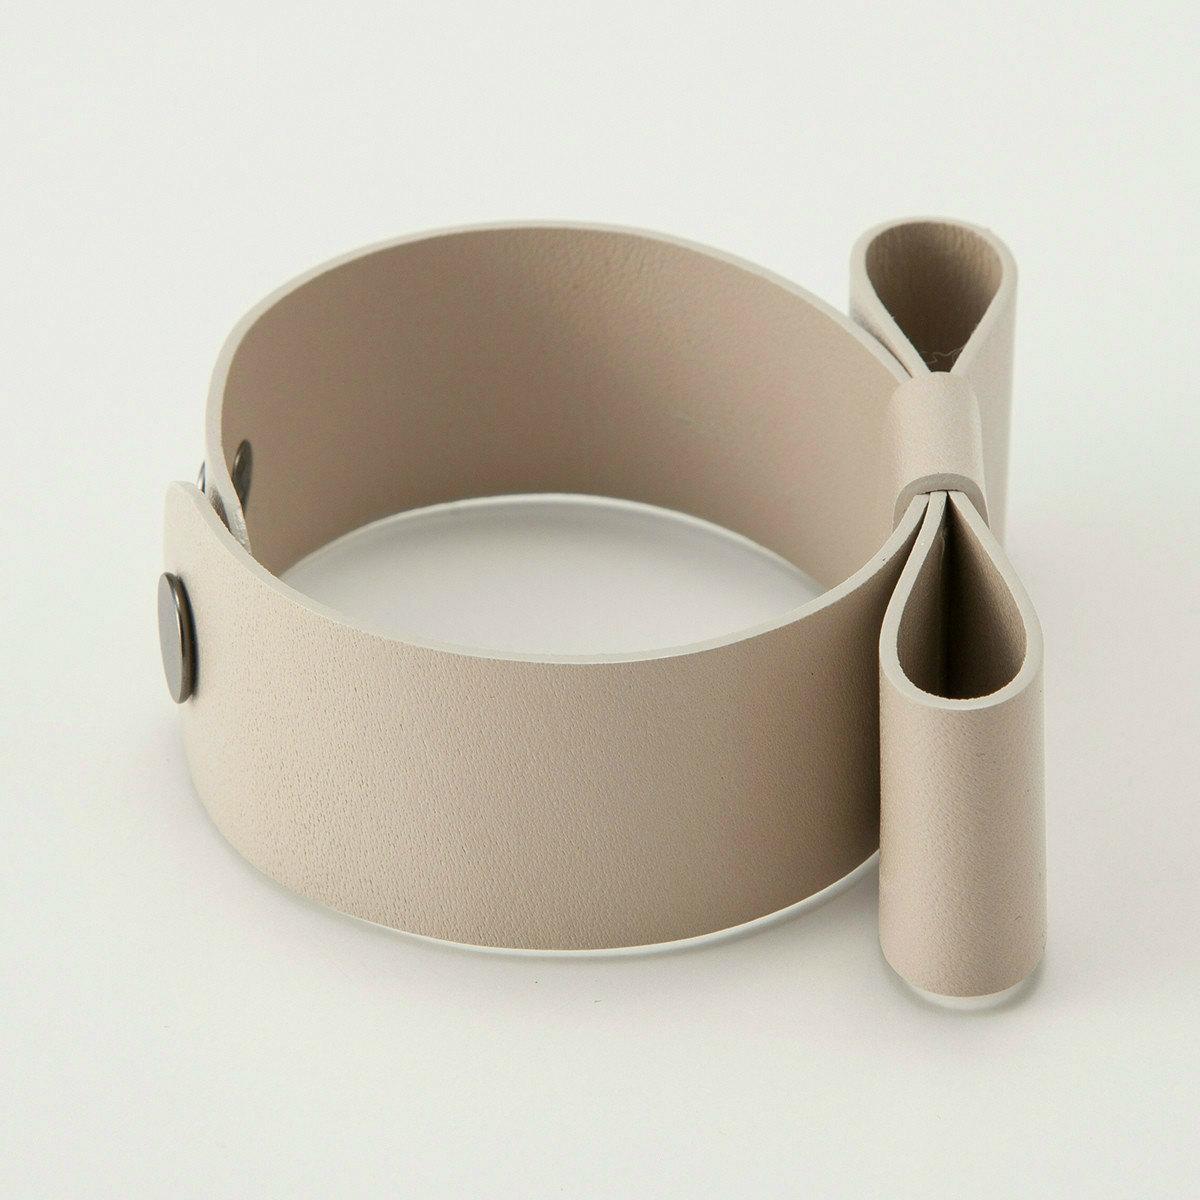 BIYUTE ハンドアクセサリー レザーバングル アームカフ シンプルなリボンデザイン 全4色